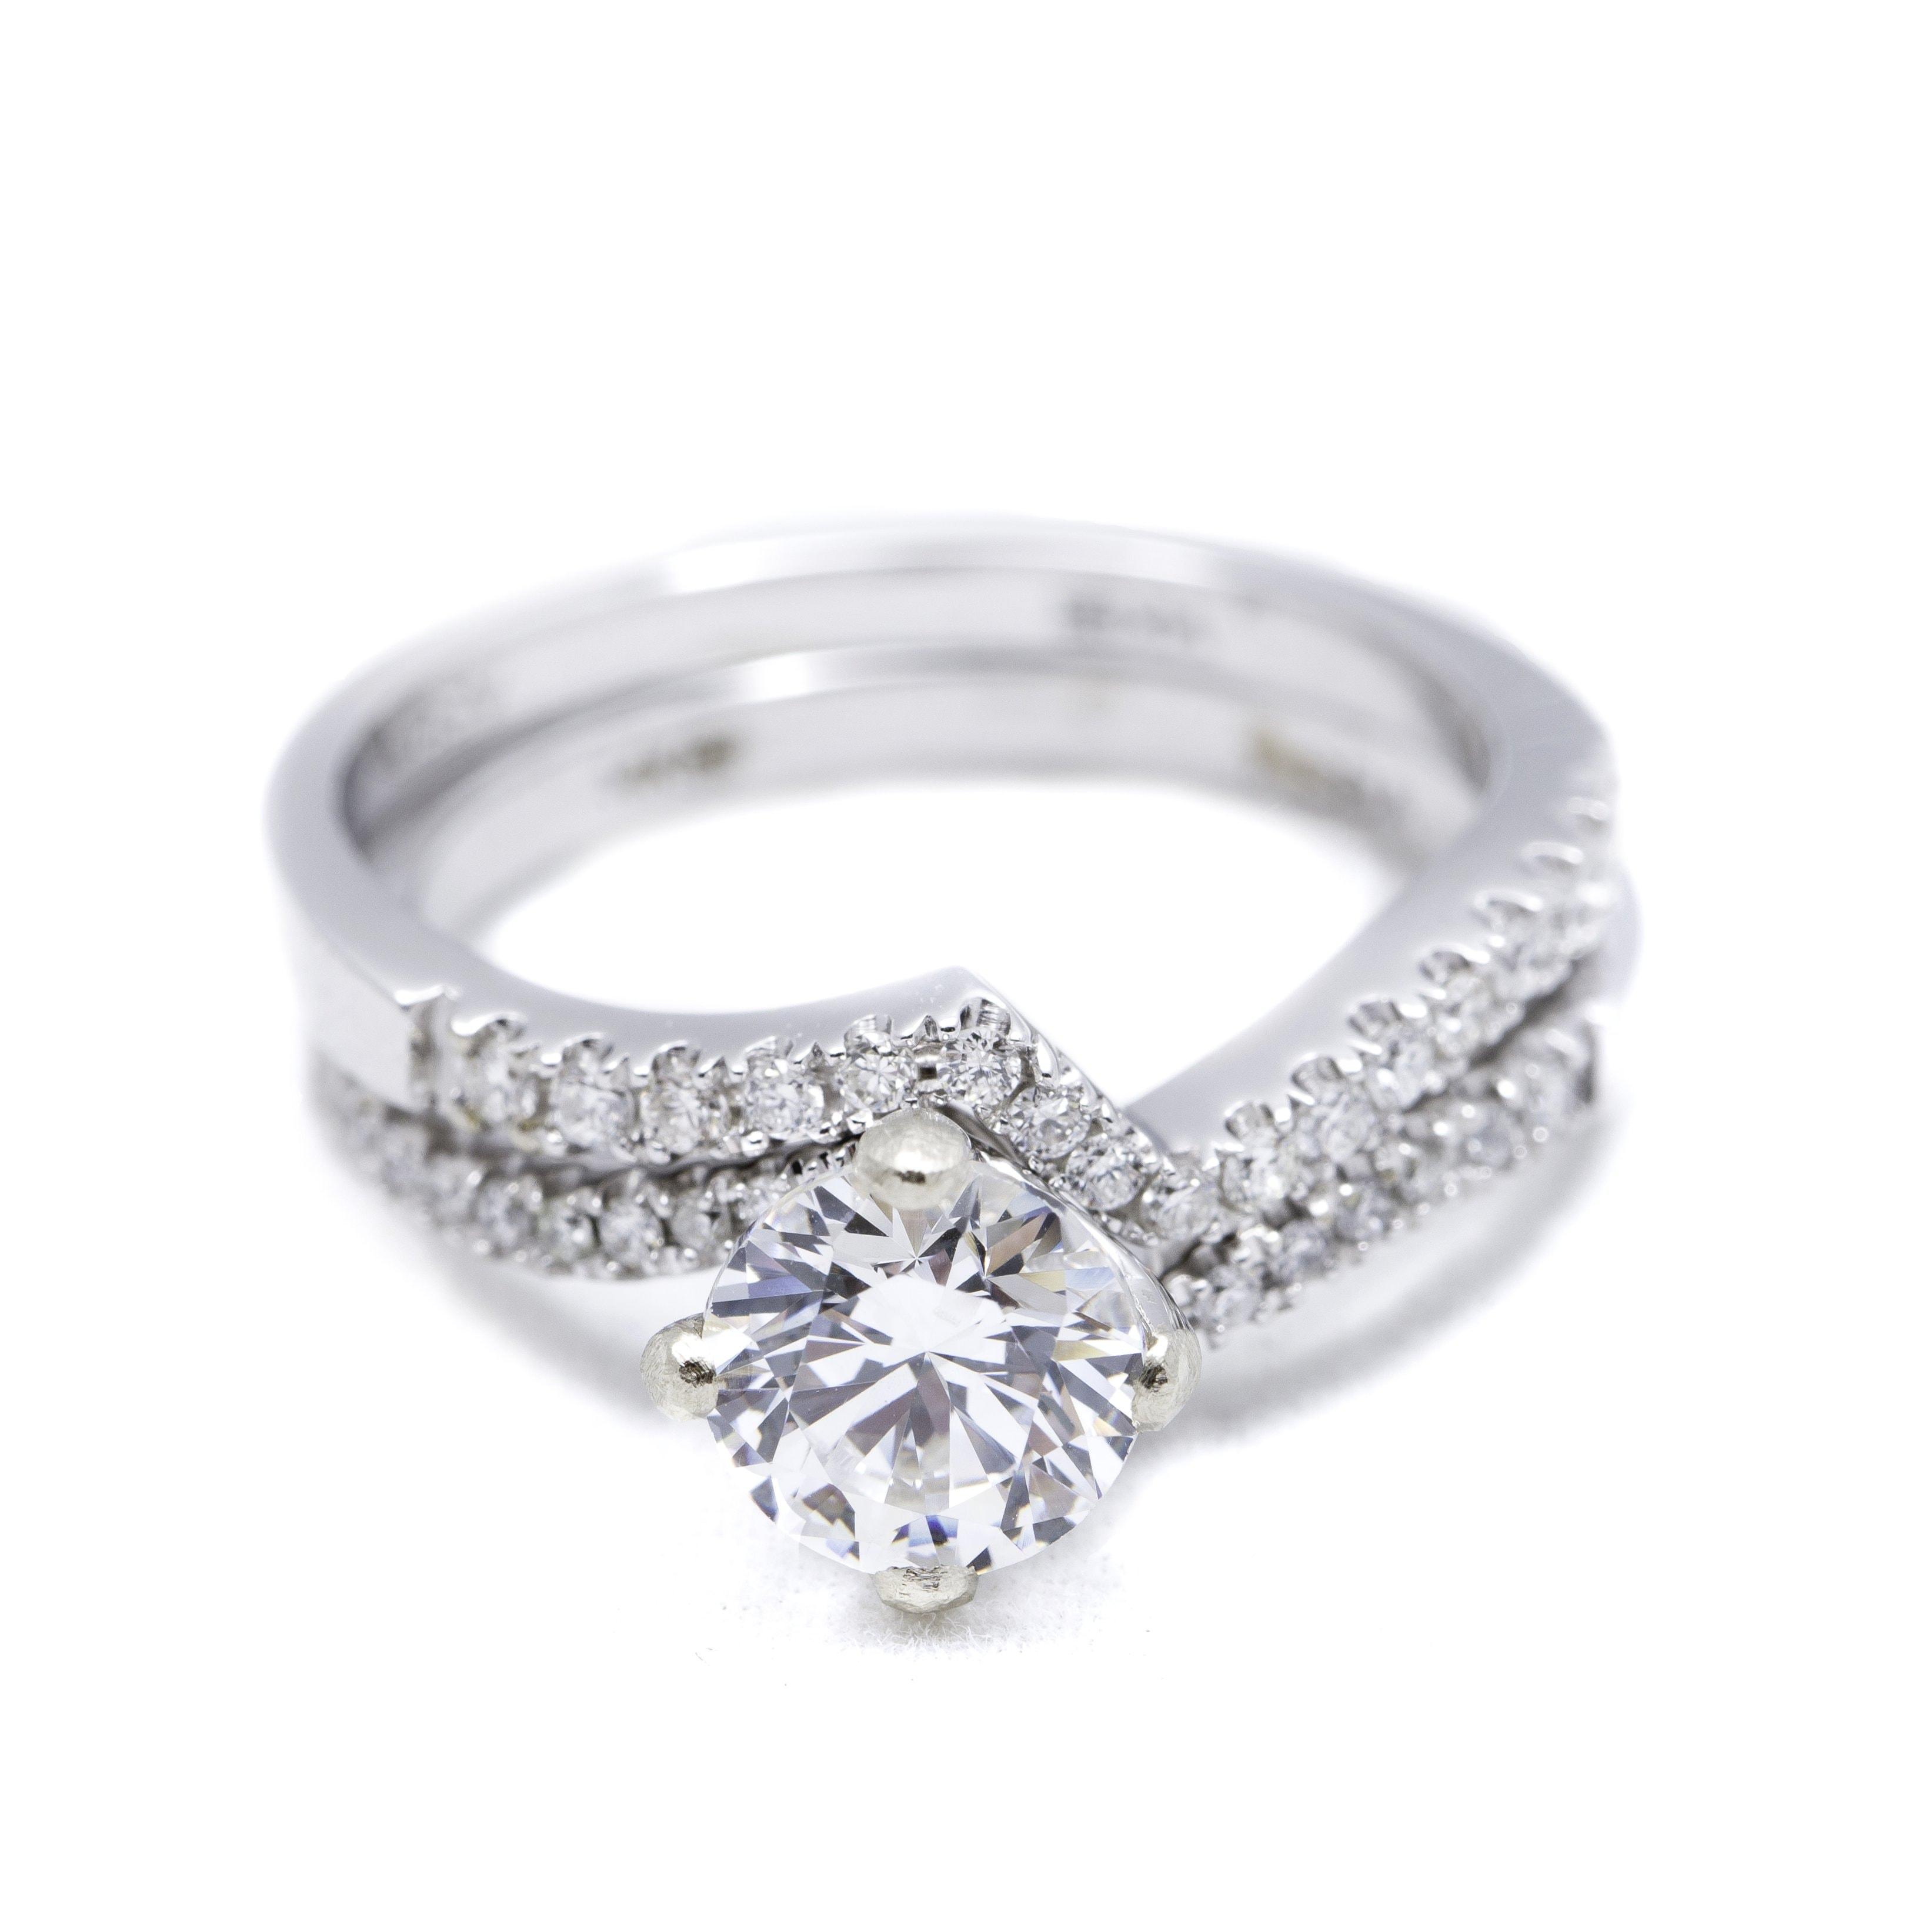 Wedding Ring Sets.White Gold Diamond Ring Mounting And Wedding Ring Set